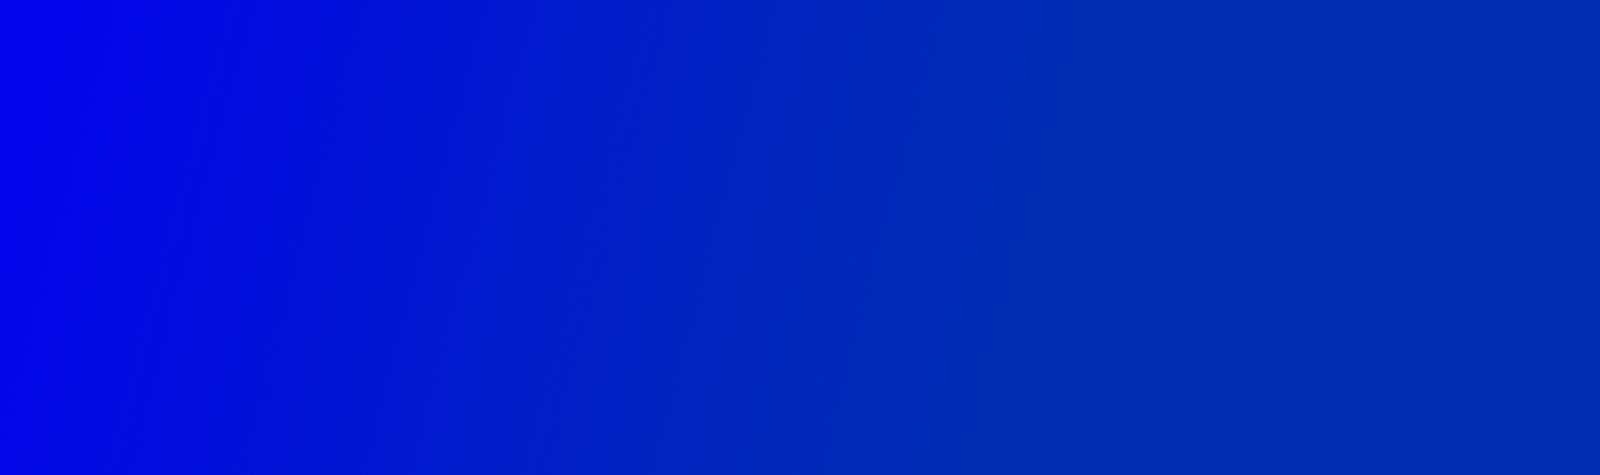 Δράση ΔΑΠ-ΝΔΦΚ: «Μήνυμα Αλληλεγγύης»